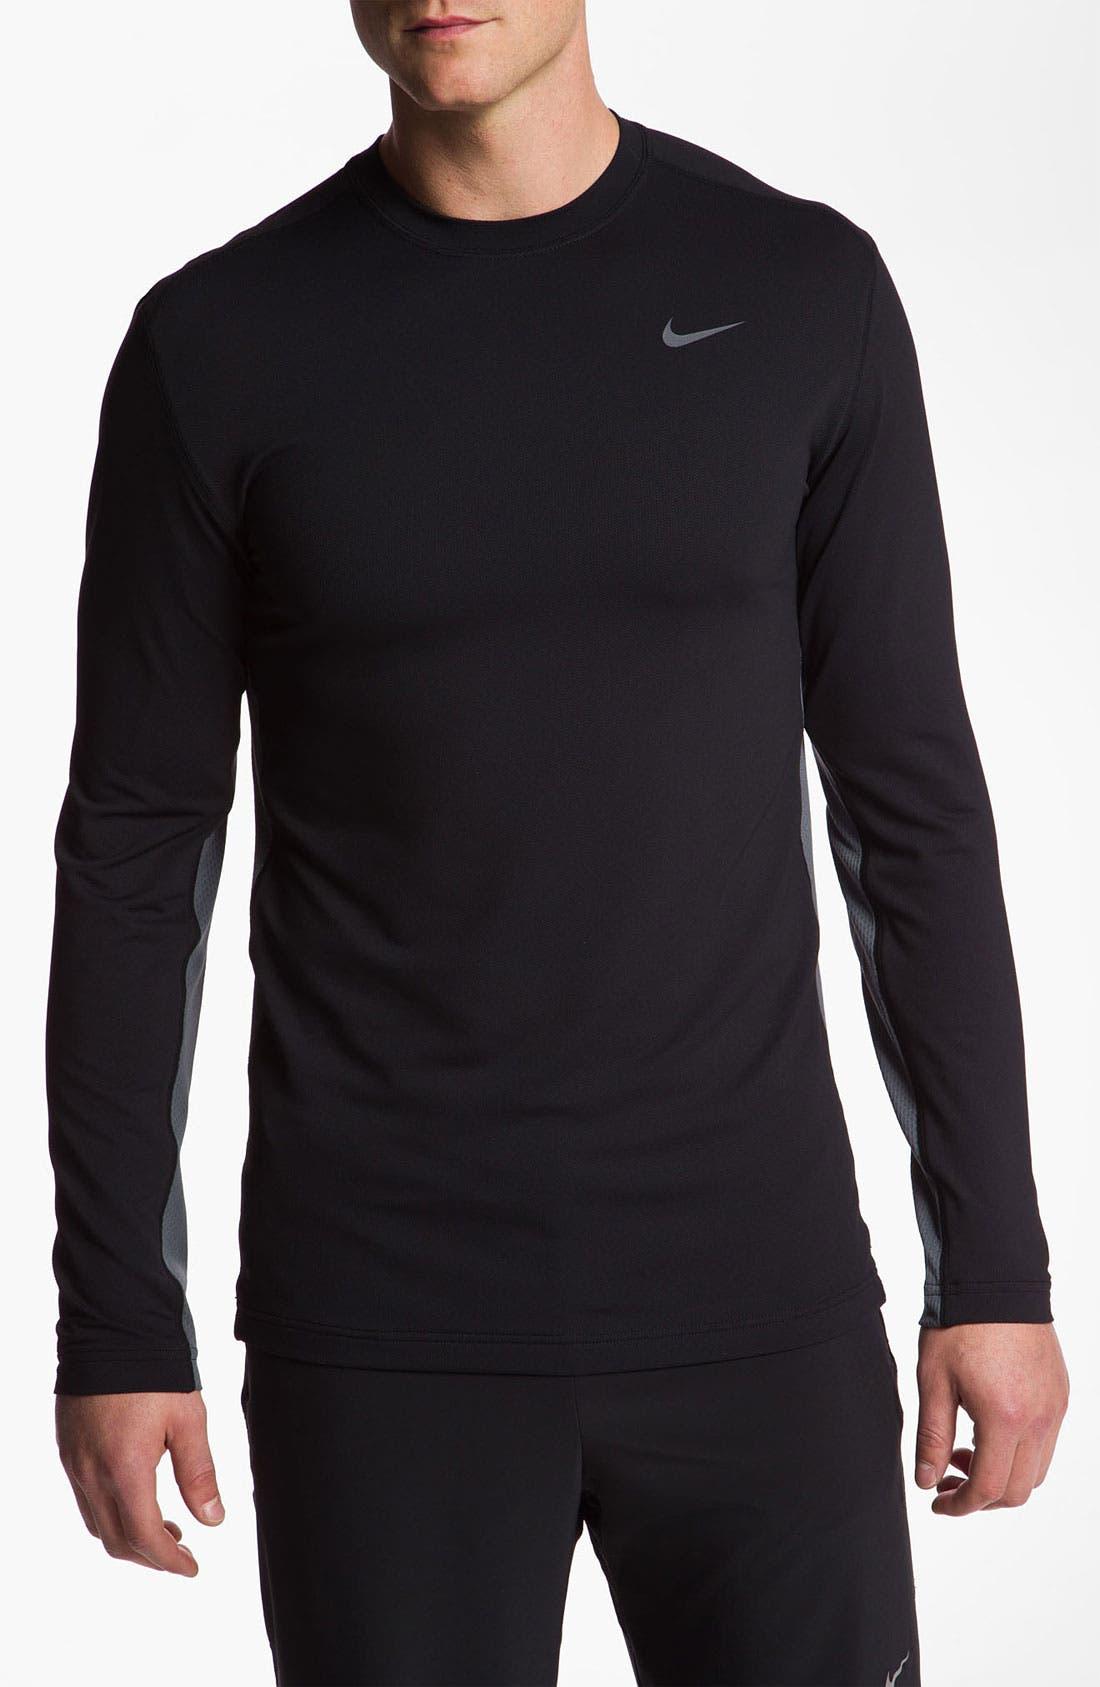 Main Image - Nike 'Edge' Dri-FIT Top